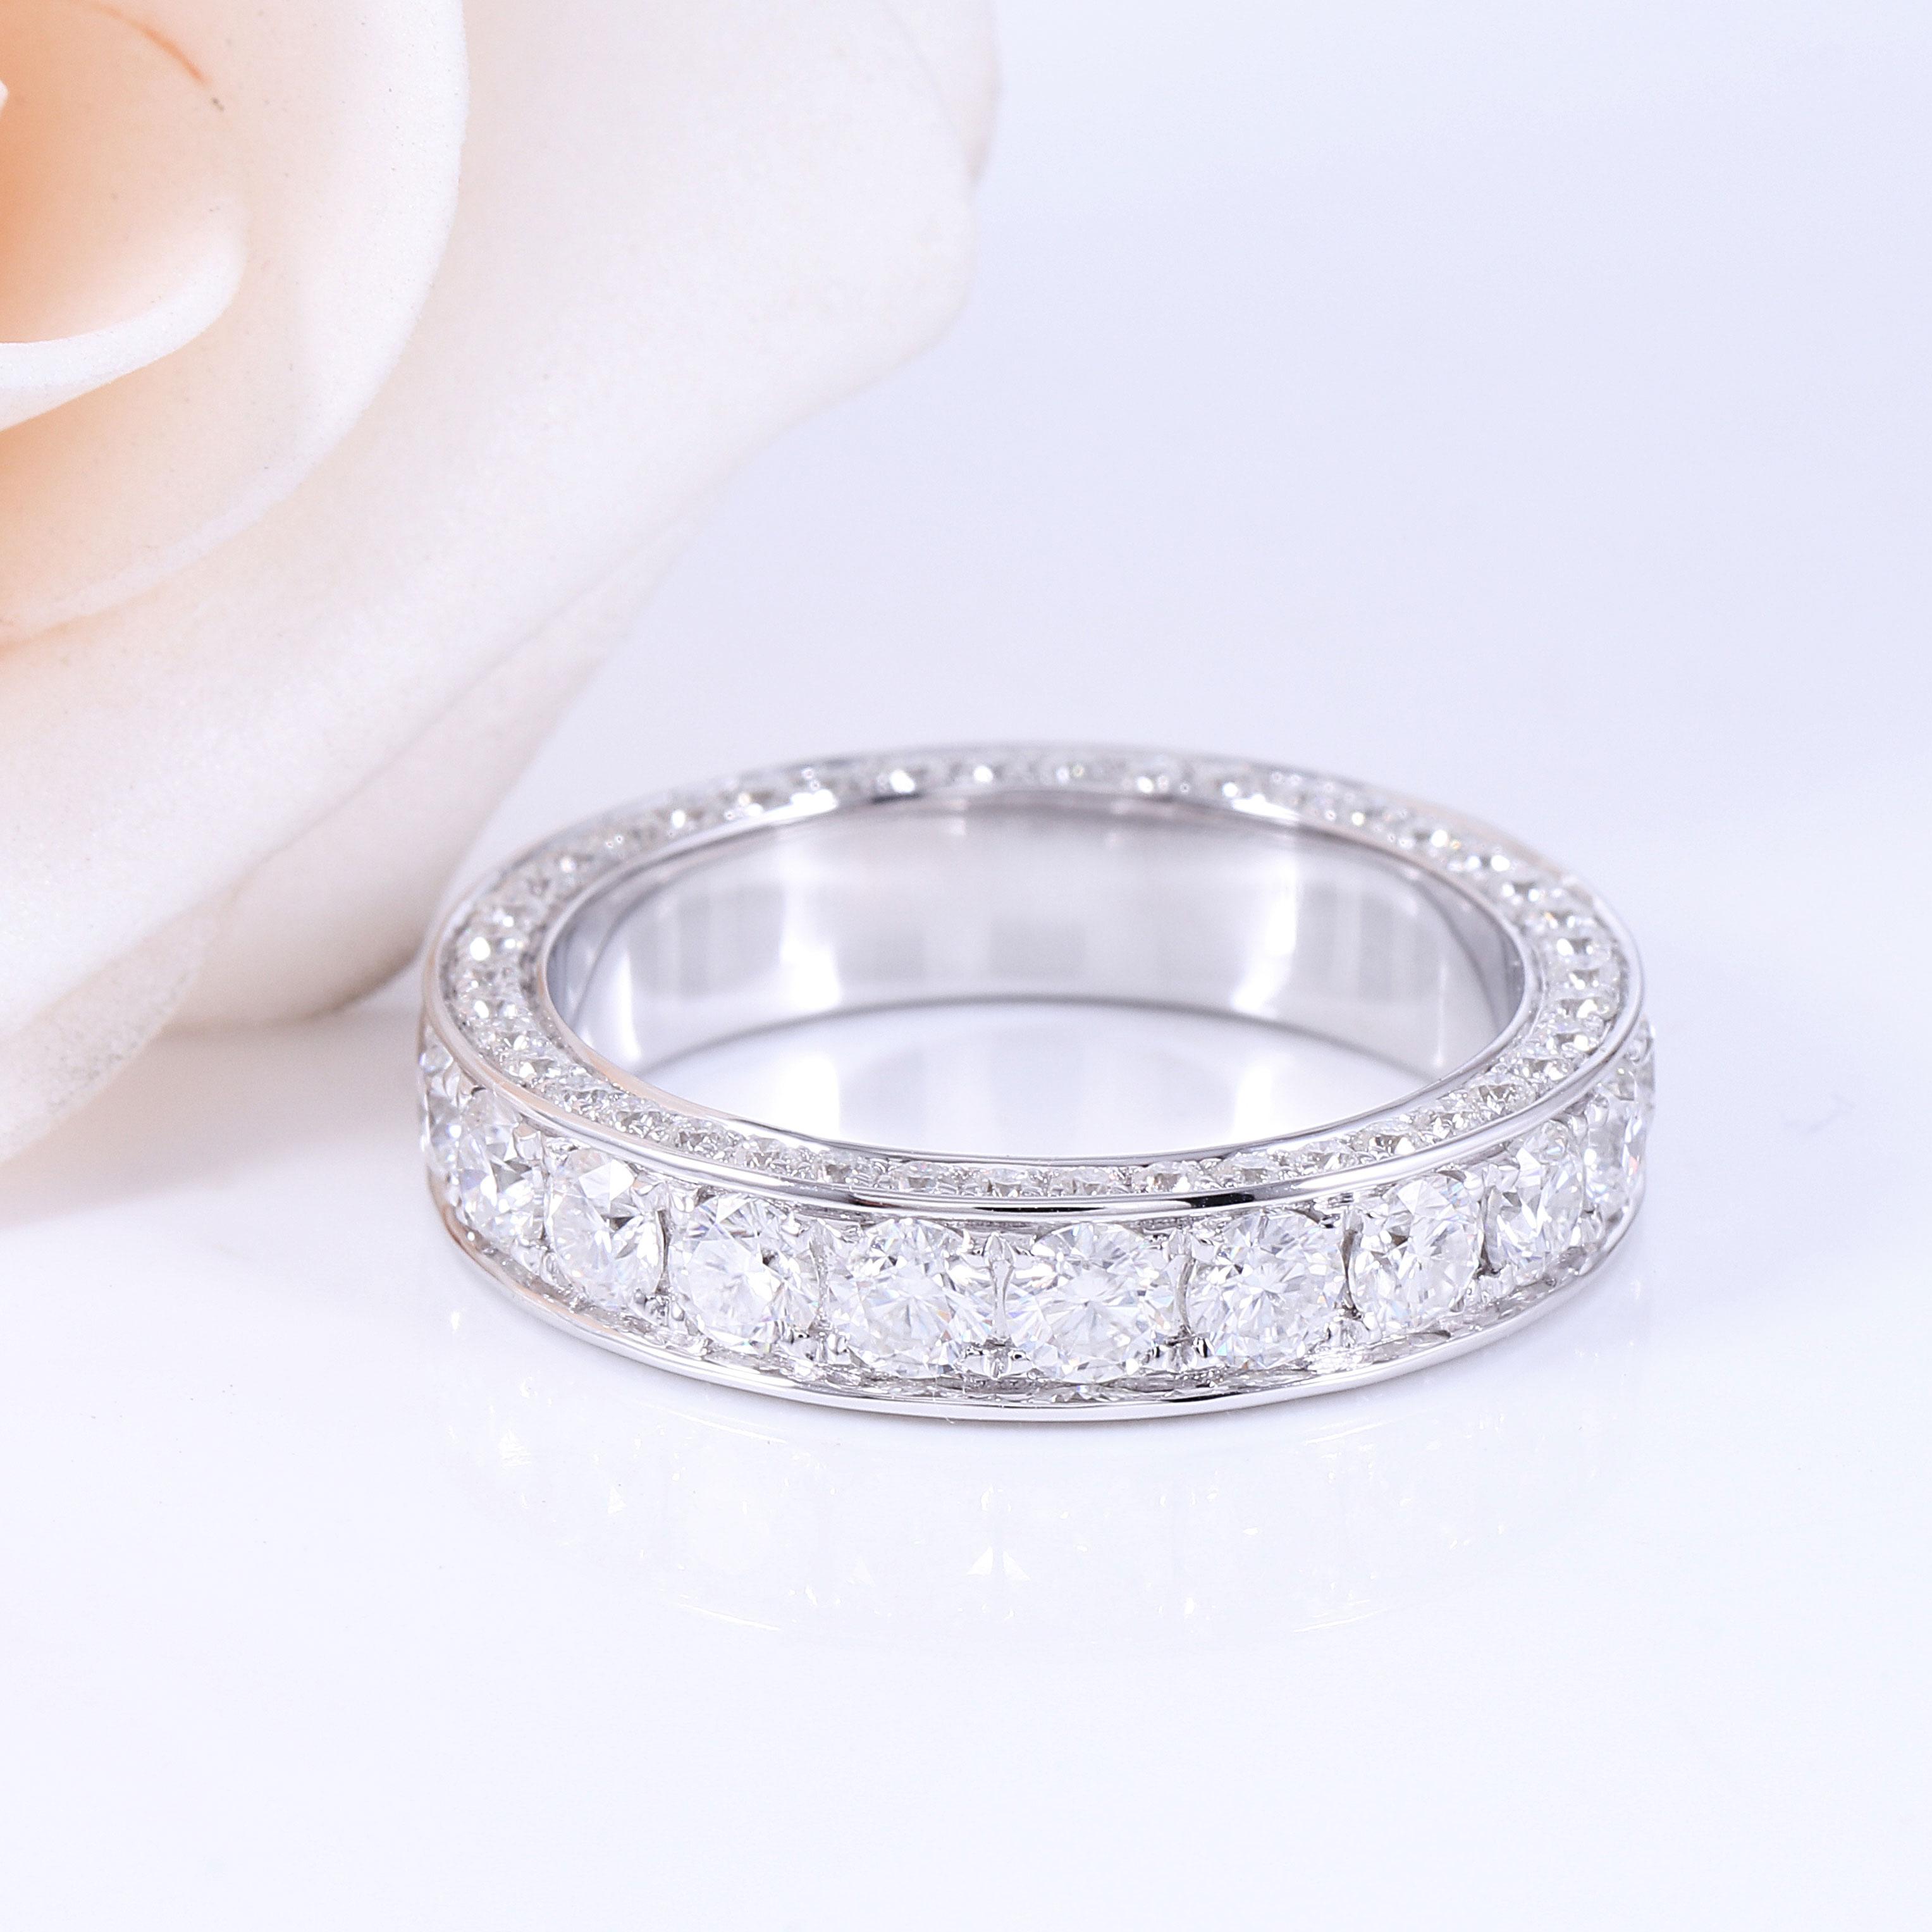 Transagems 14K białe złoto F kolor Moissanite wieczność rocznica Wedding Band pierścionek zaręczynowy dla kobiet i mężczyzn biżuteria w Pierścionki od Biżuteria i akcesoria na  Grupa 2